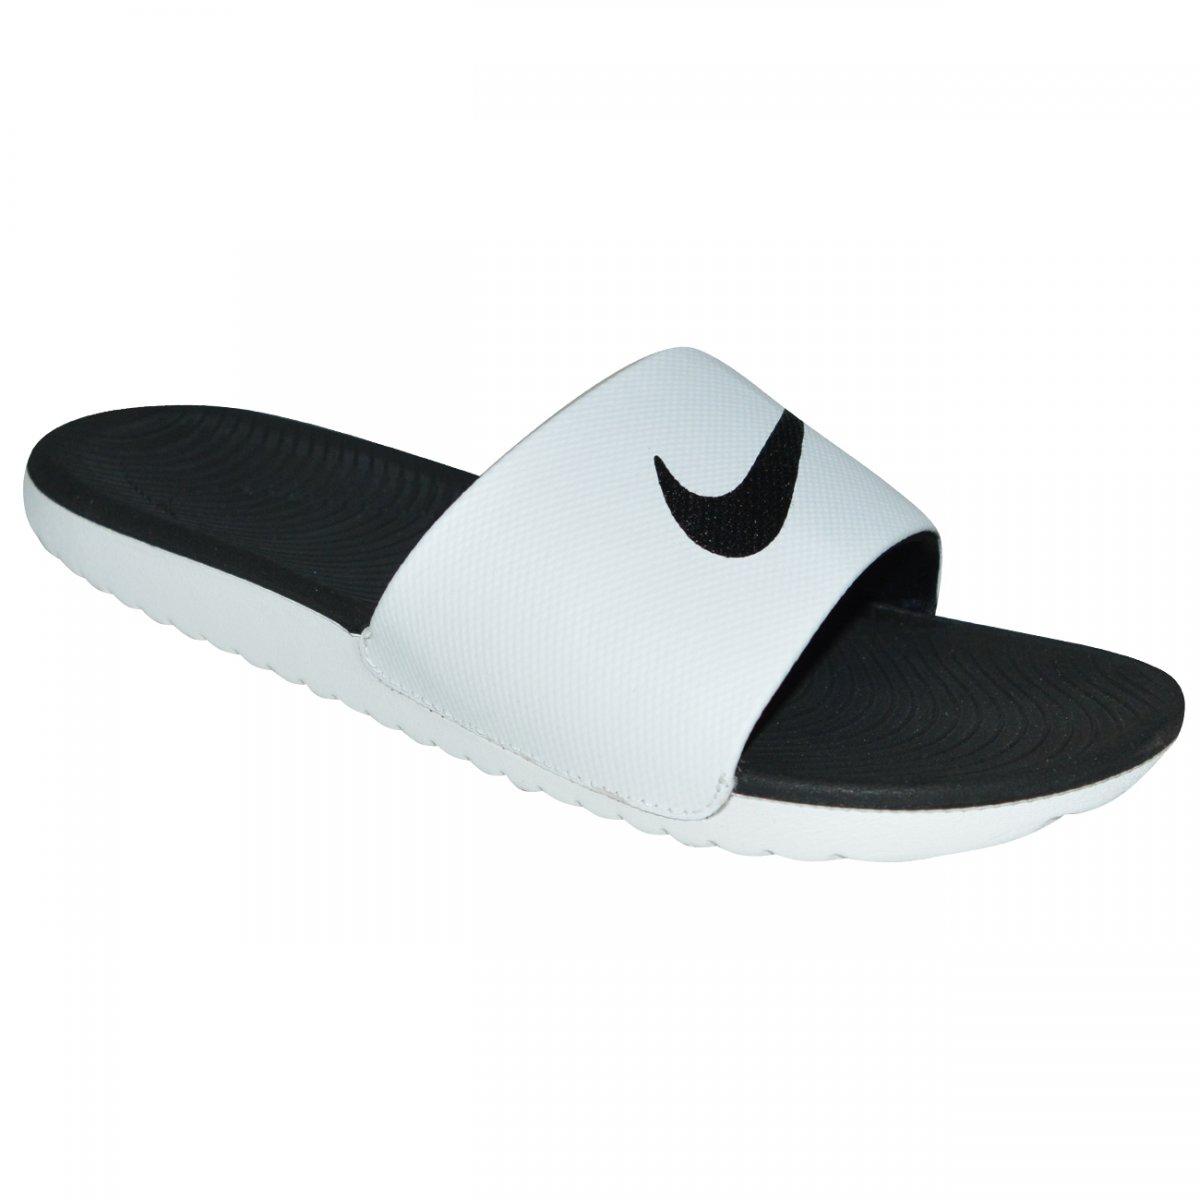 e5fca94dfa9 Chinelo Nike Kawa Slide 832646 100 - Branco preto - Chuteira Nike ...